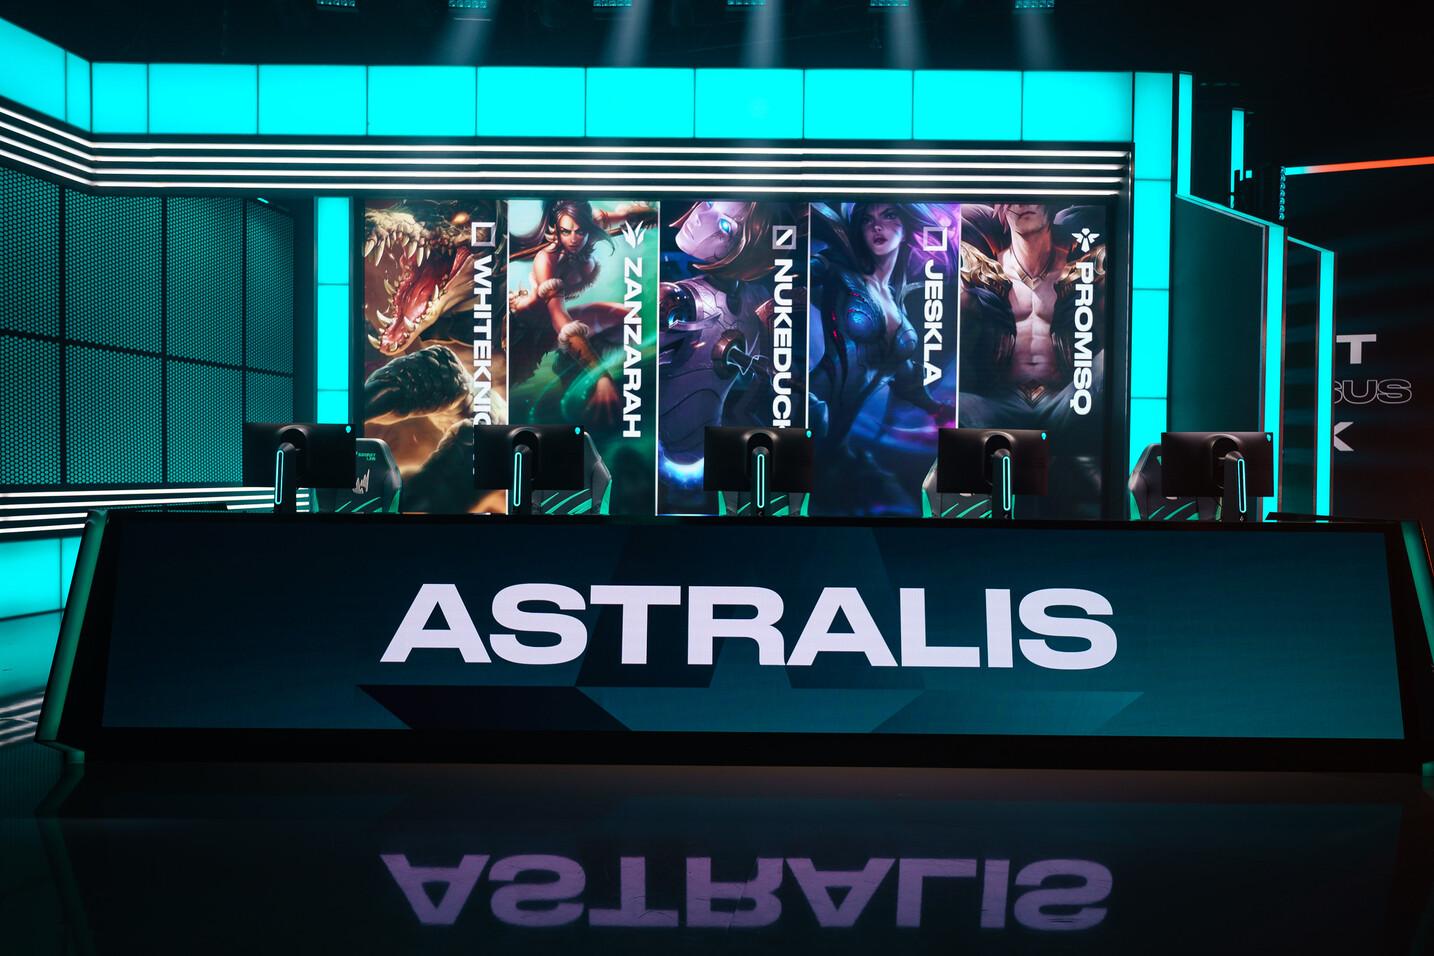 Đội Astralis của Đan Mạch đã trở thành tổ chức thể thao điện tử đầu tiên trên thế giới được niêm yết chính thức trên thị trường